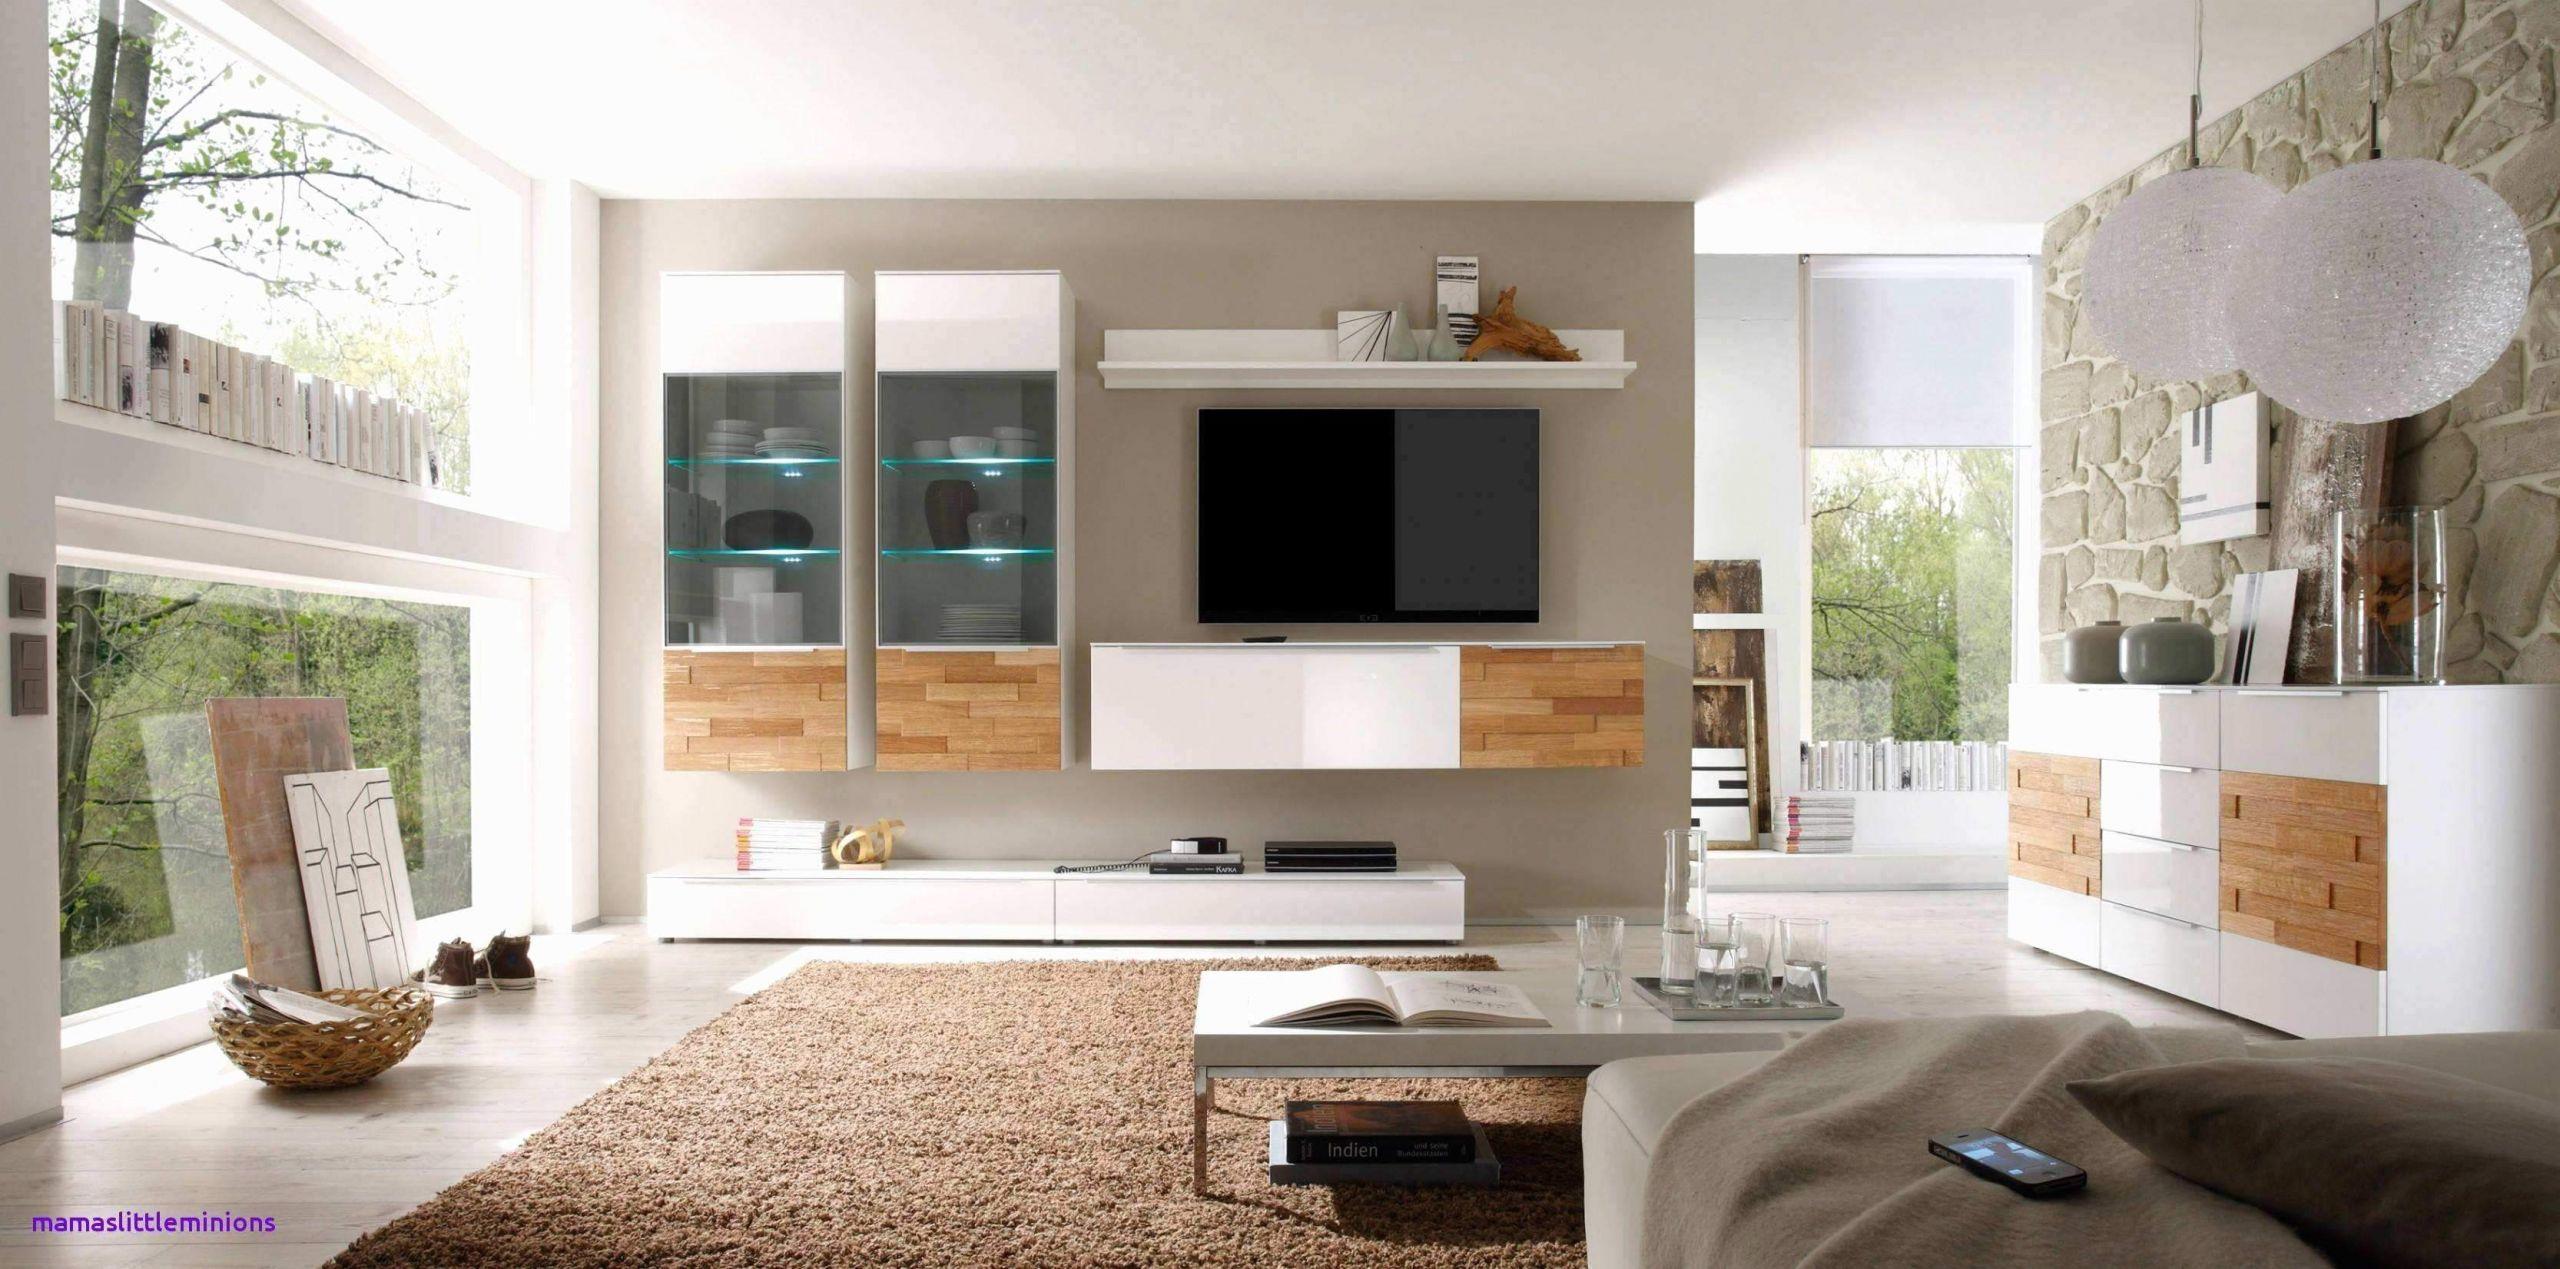 beste musikanlage wohnzimmer luxus 59 das beste von beste musikanlage wohnzimmer das beste von of beste musikanlage wohnzimmer scaled